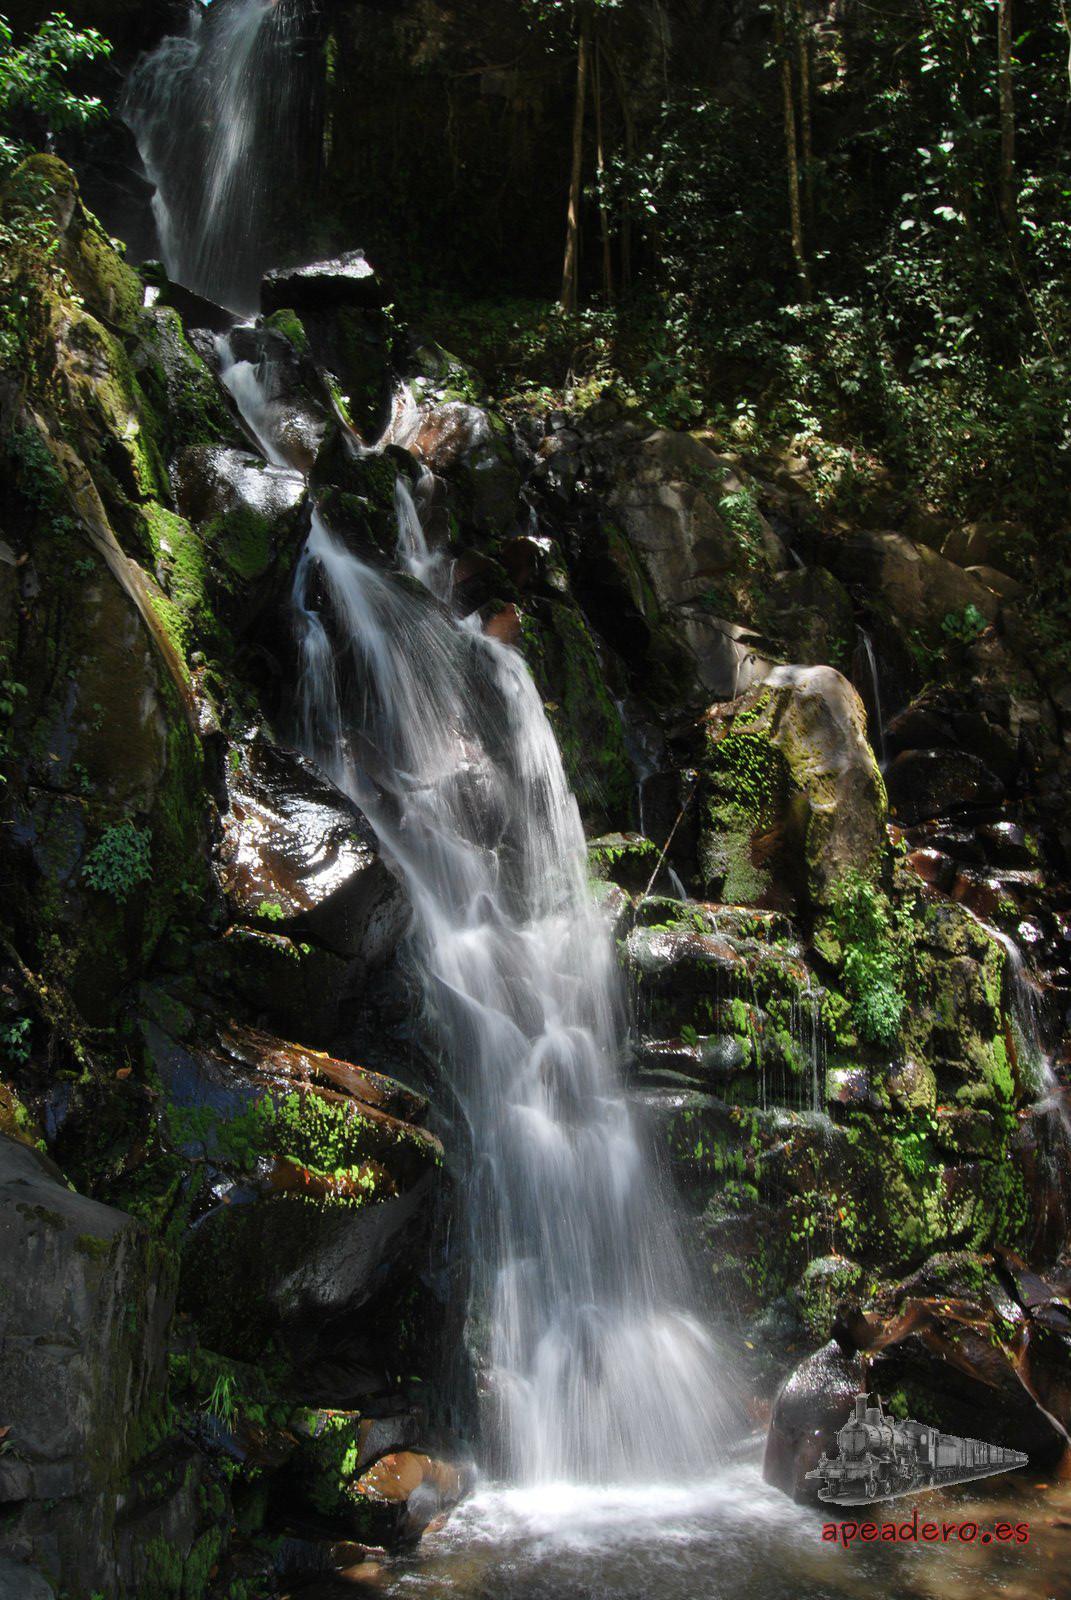 La Cascada de San Ramón es una pequeña catarata al lado de la carretera. Es bonita por el entorno, pero tampoco te pierdes nada si no la visitas. A sus pies hay quien se baña, pero el agua está realmente fría y necesitas calzado adecuado por las piedras que hay.